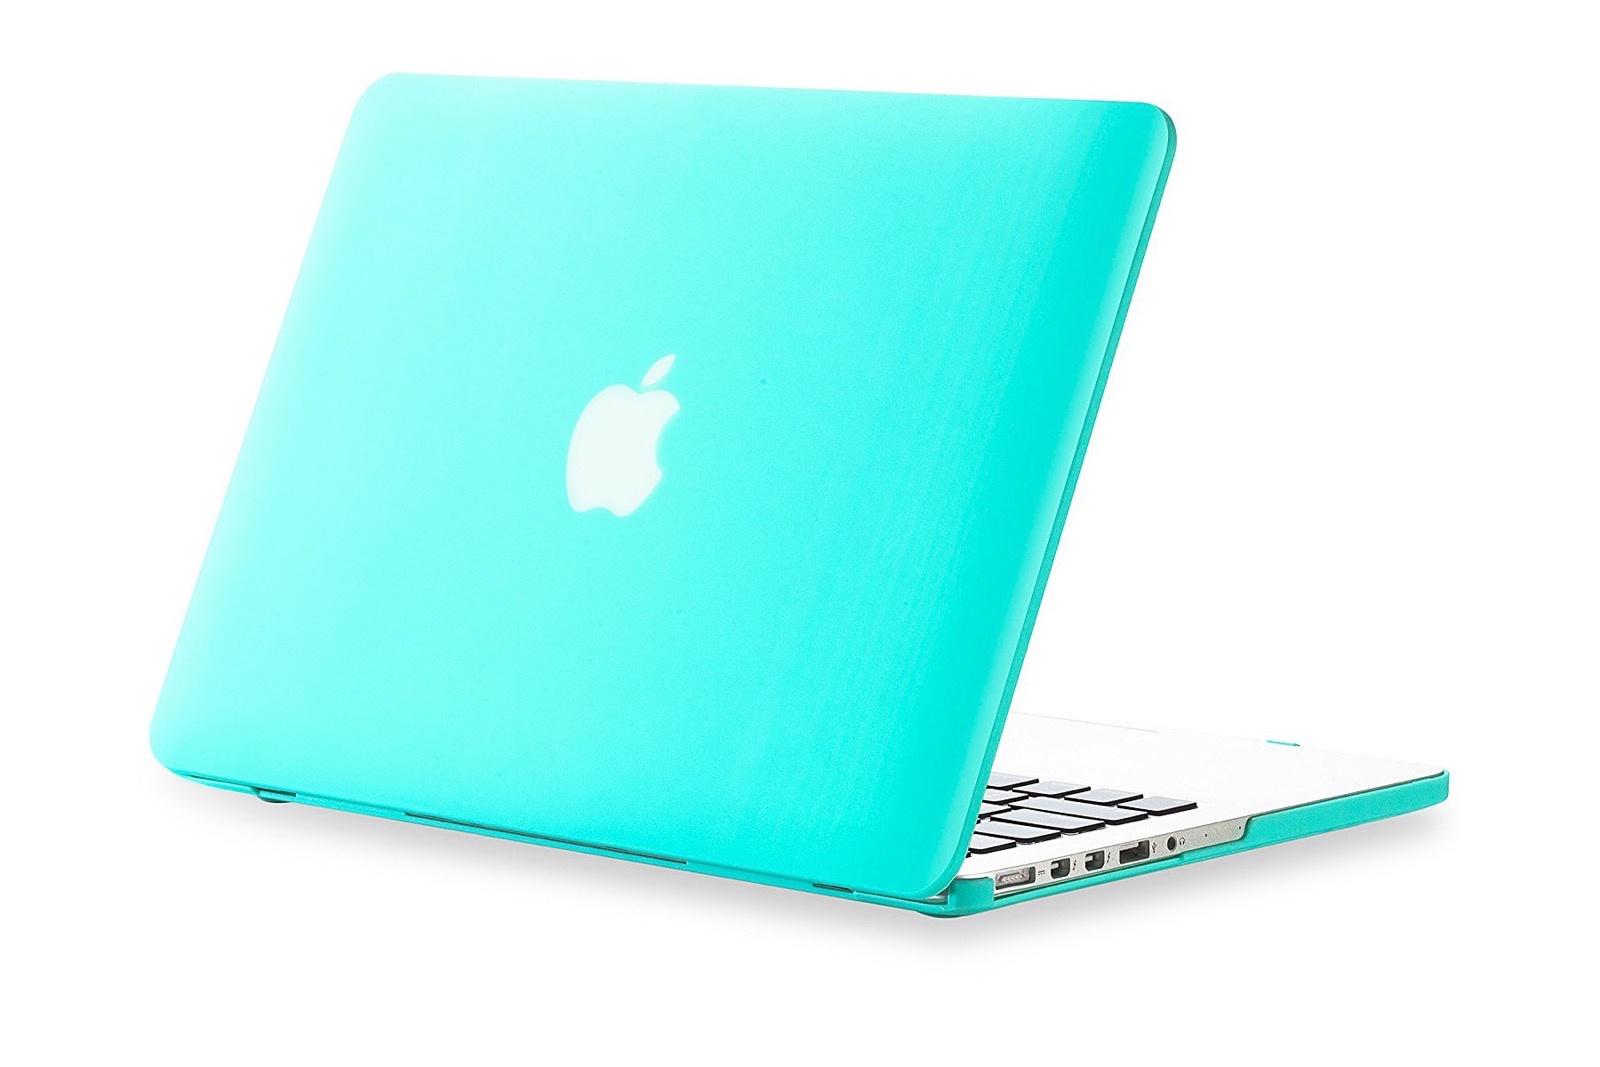 Чехол для ноутбука Gurdini накладка пластик матовый 220216 для Apple MacBook Retina 13